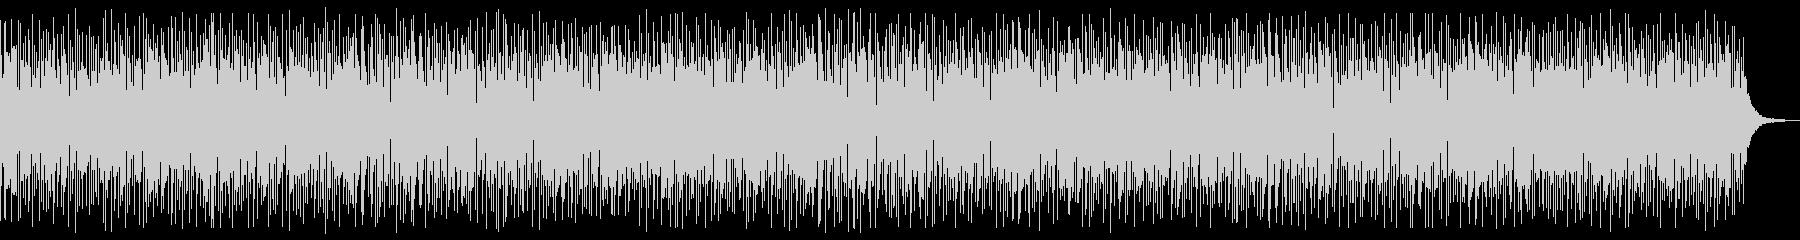 ほっとするボサノバ ゆったり ギターの未再生の波形